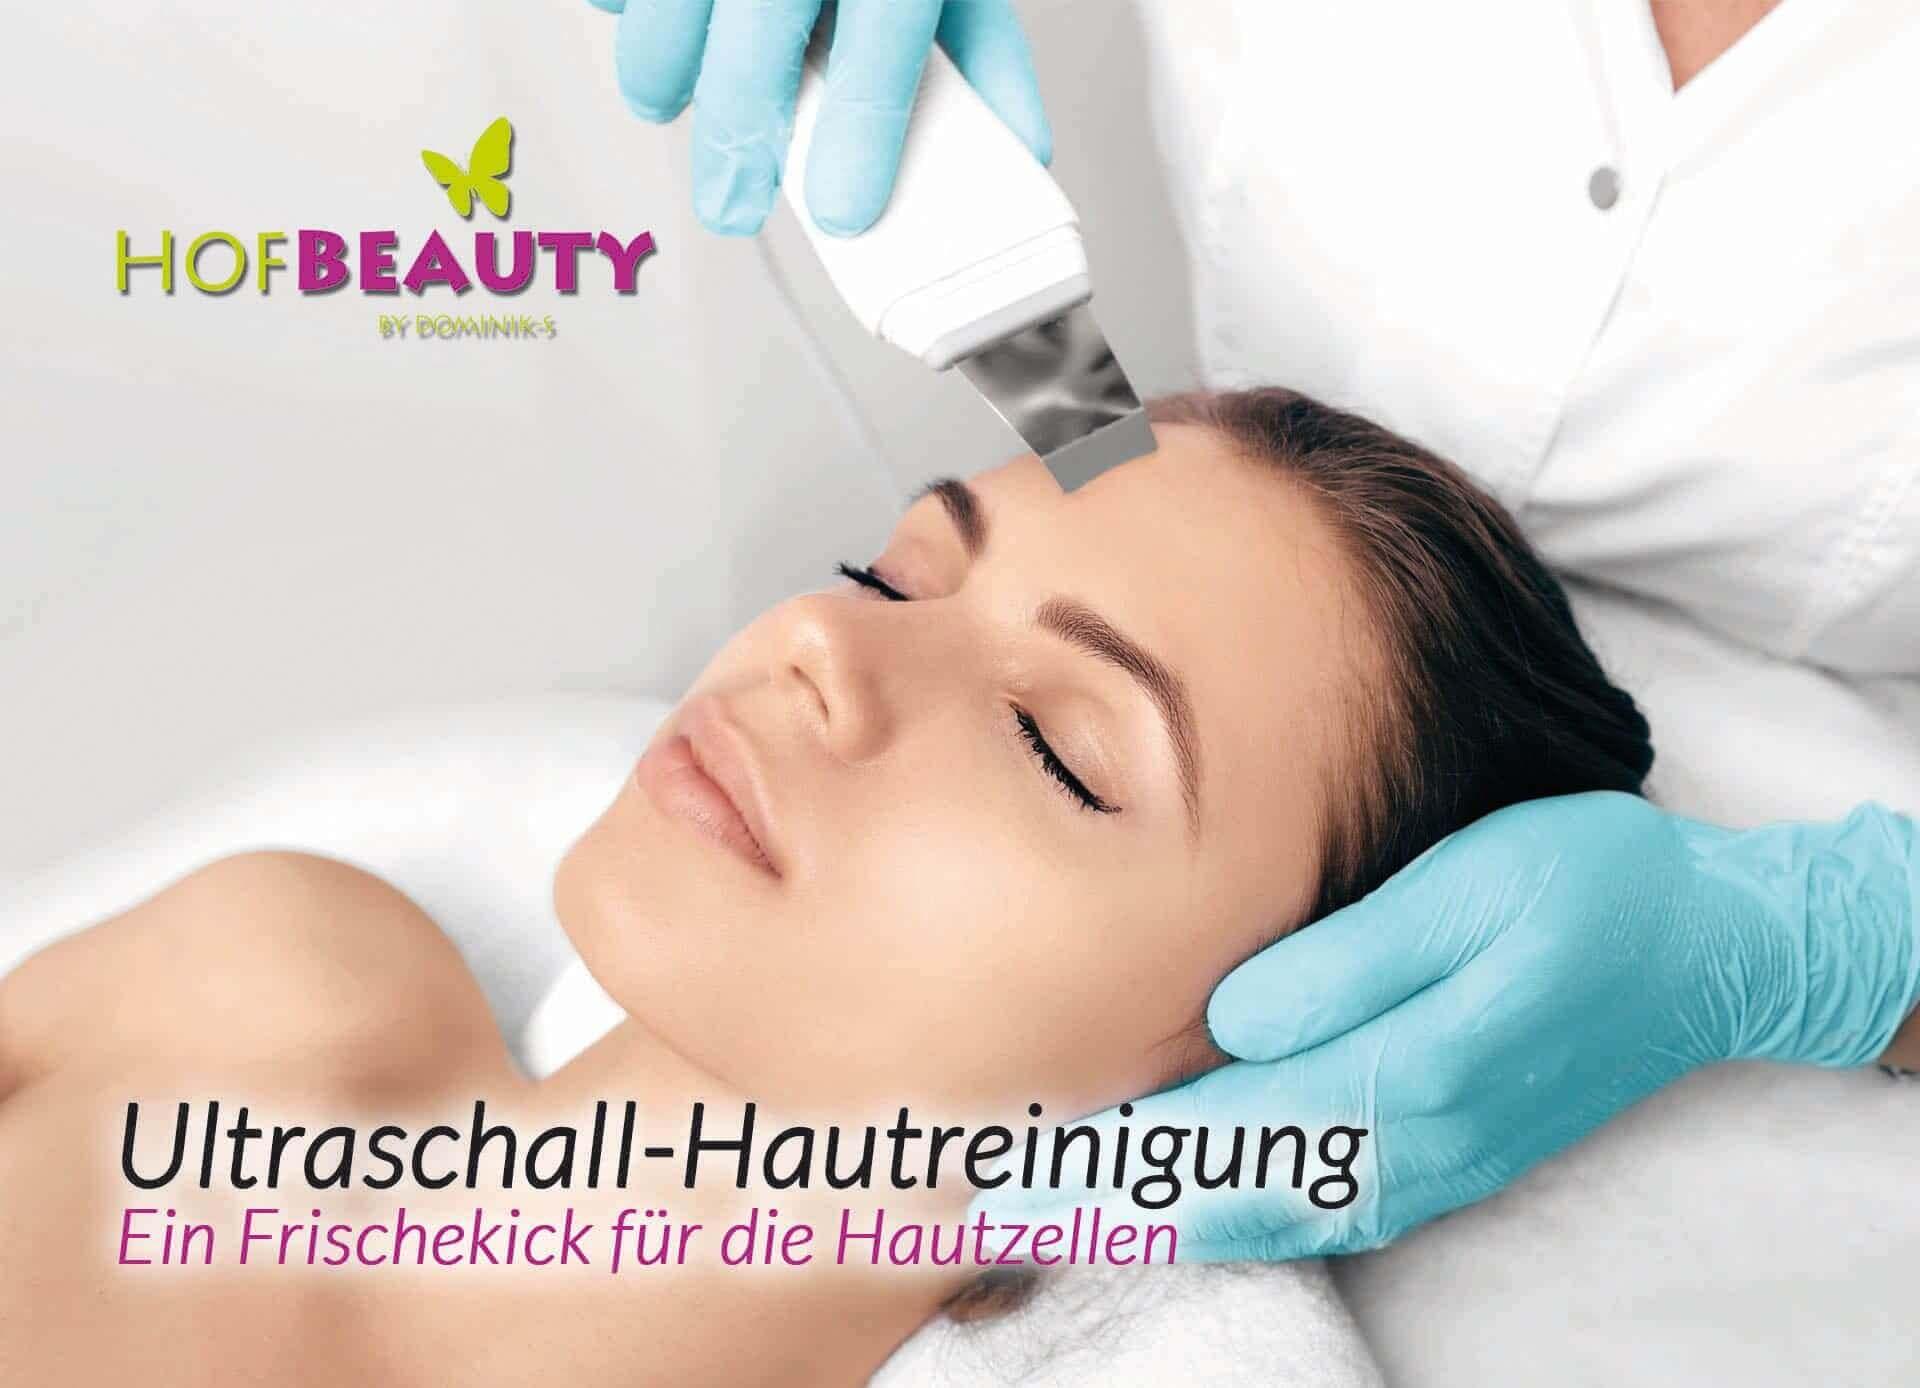 Professionellle Ultraschall Hautreinigung